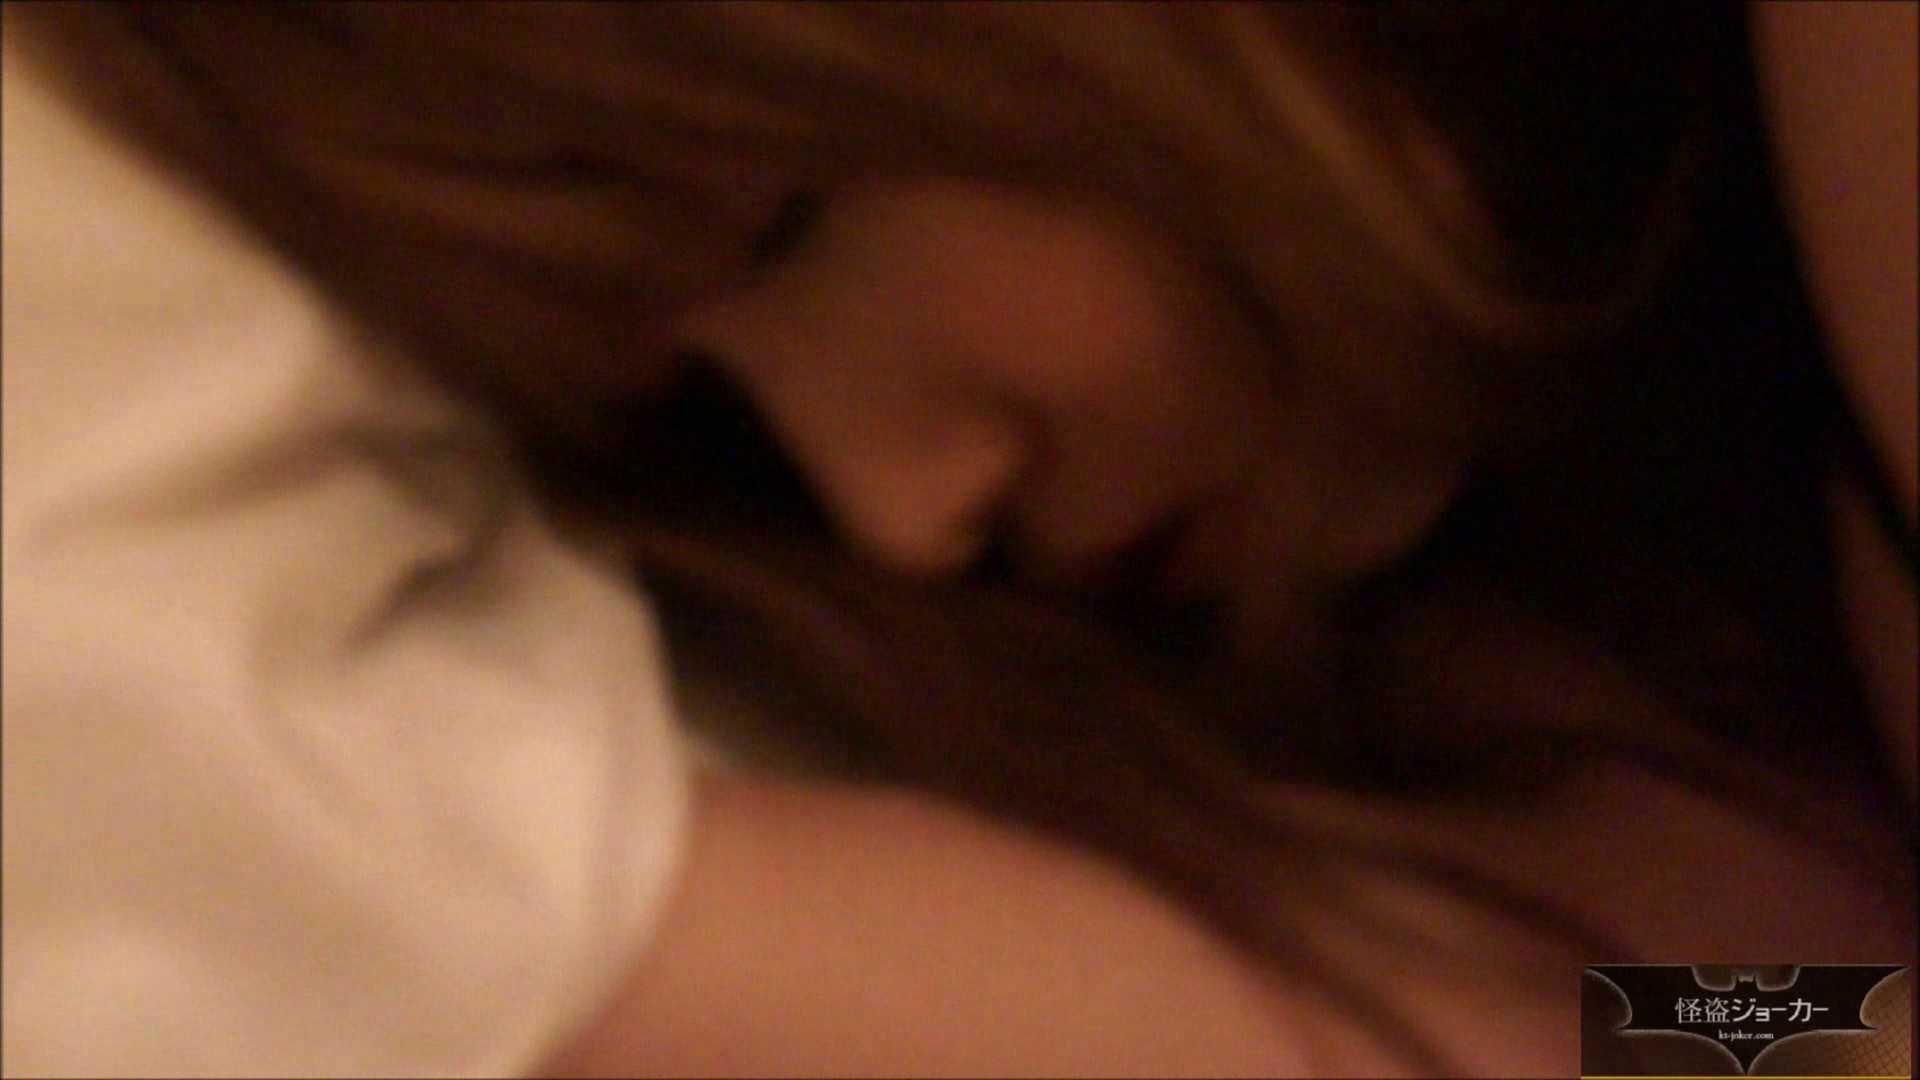 【未公開】vol.15 若ママ、絵美ちゃん・・・滴る母乳を吸い上げて。 丸見え 性交動画流出 90枚 47